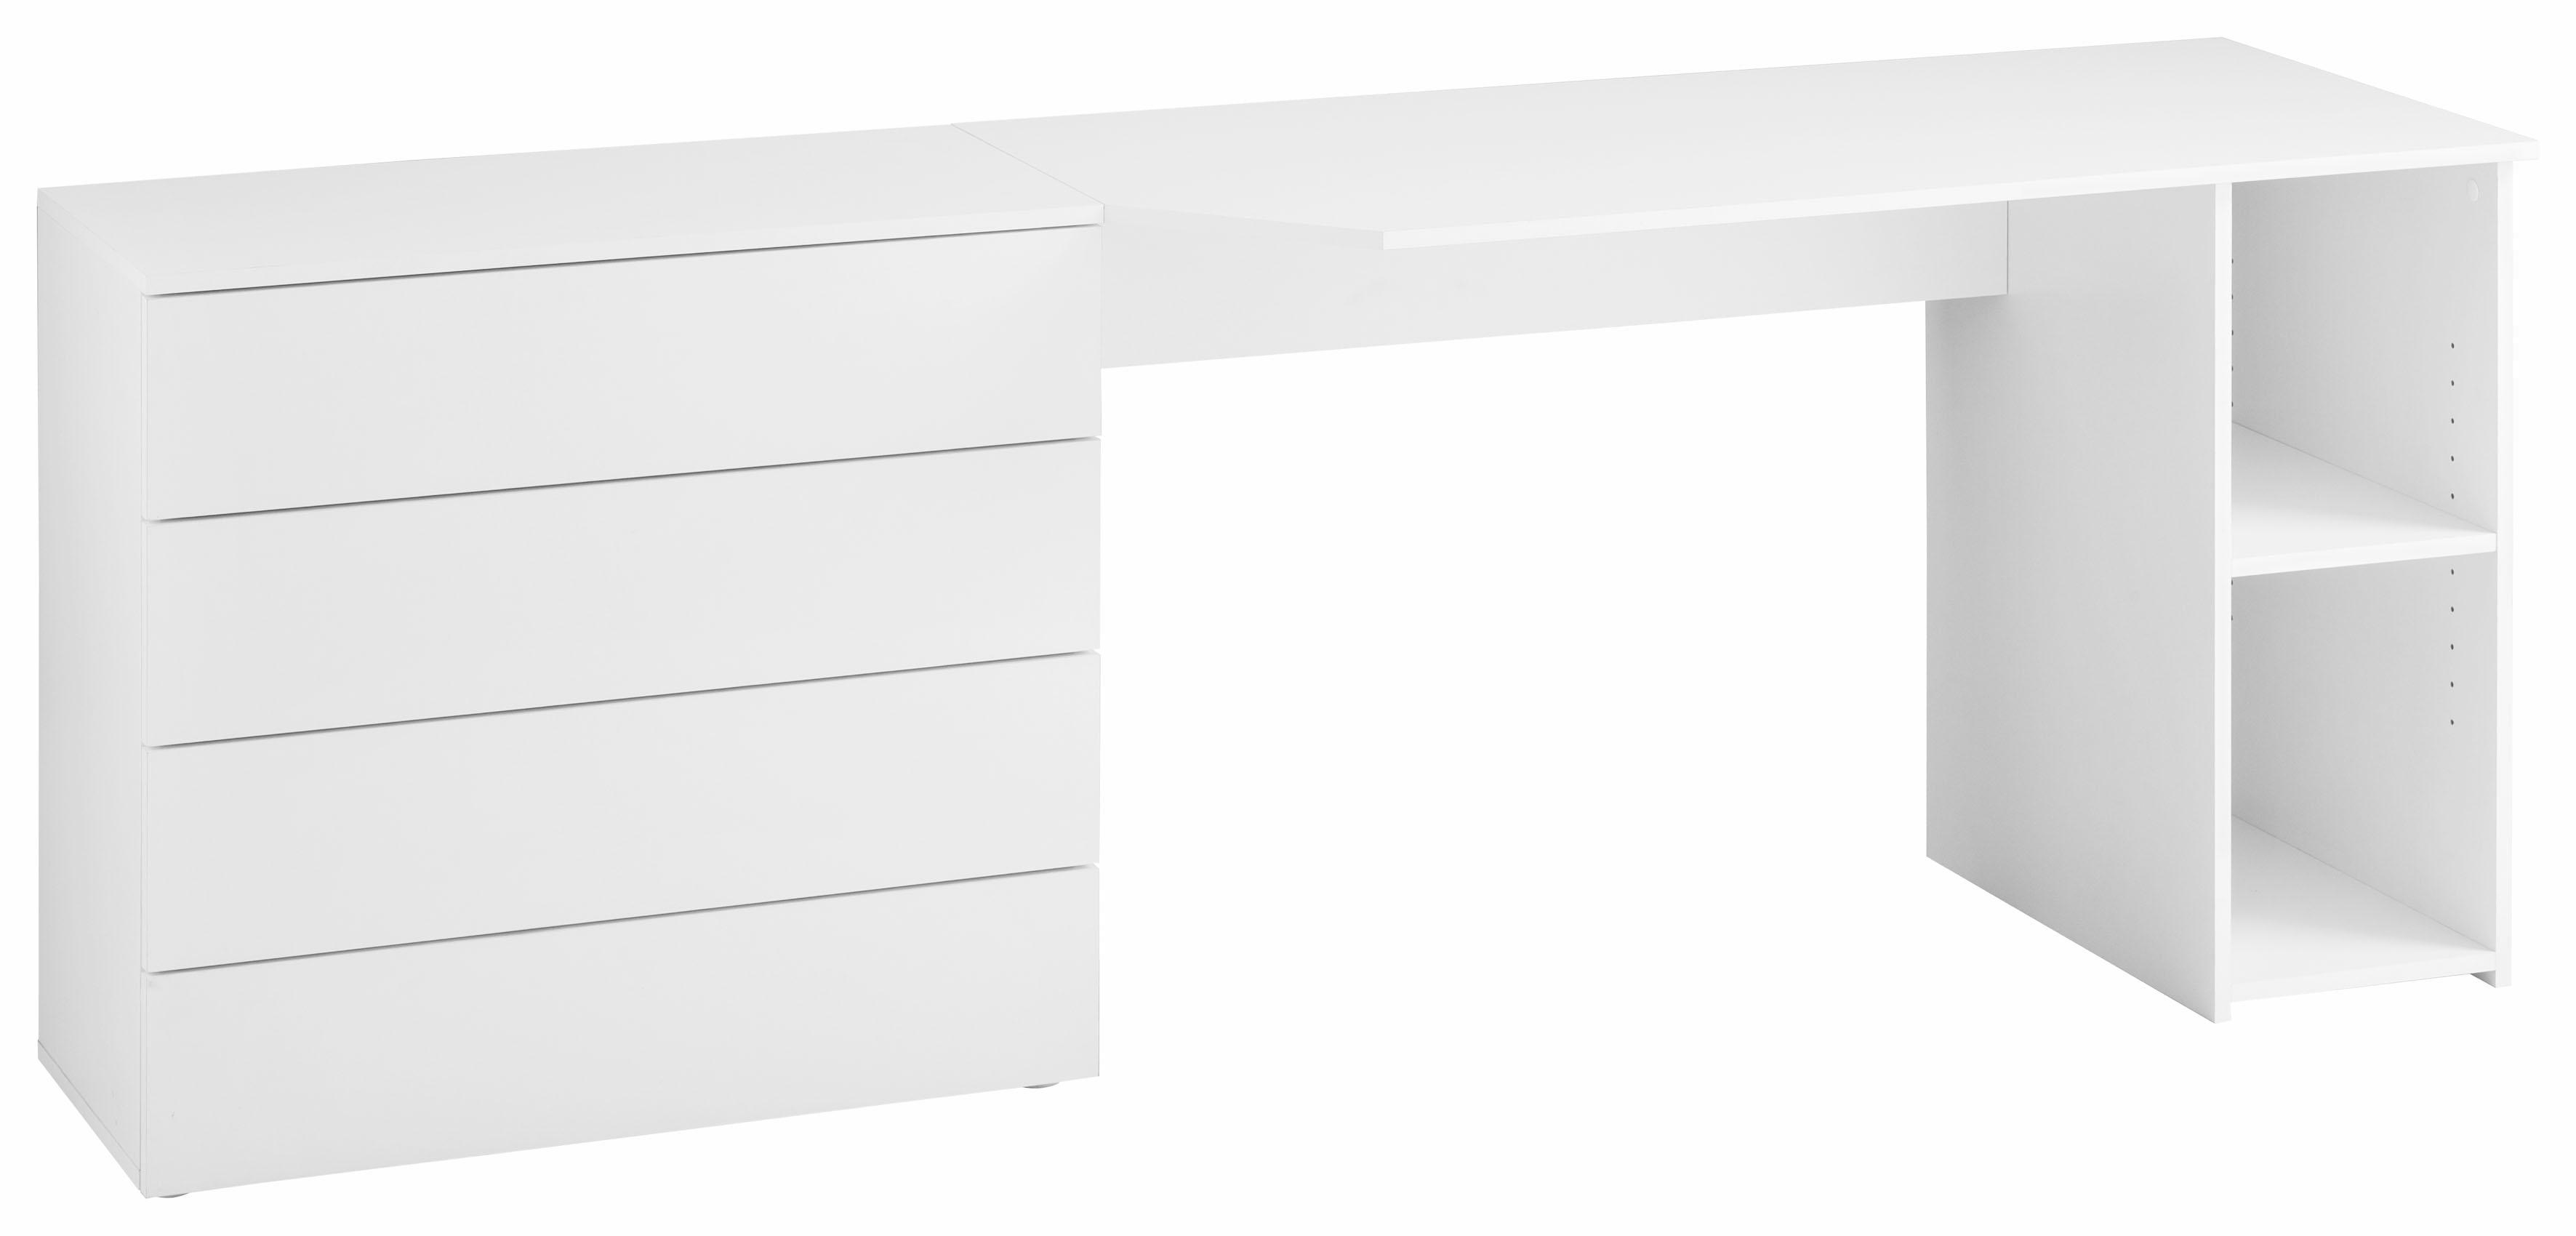 Borchardt Möbel Schreibtisch Wallis mit Push to Open-Funktion